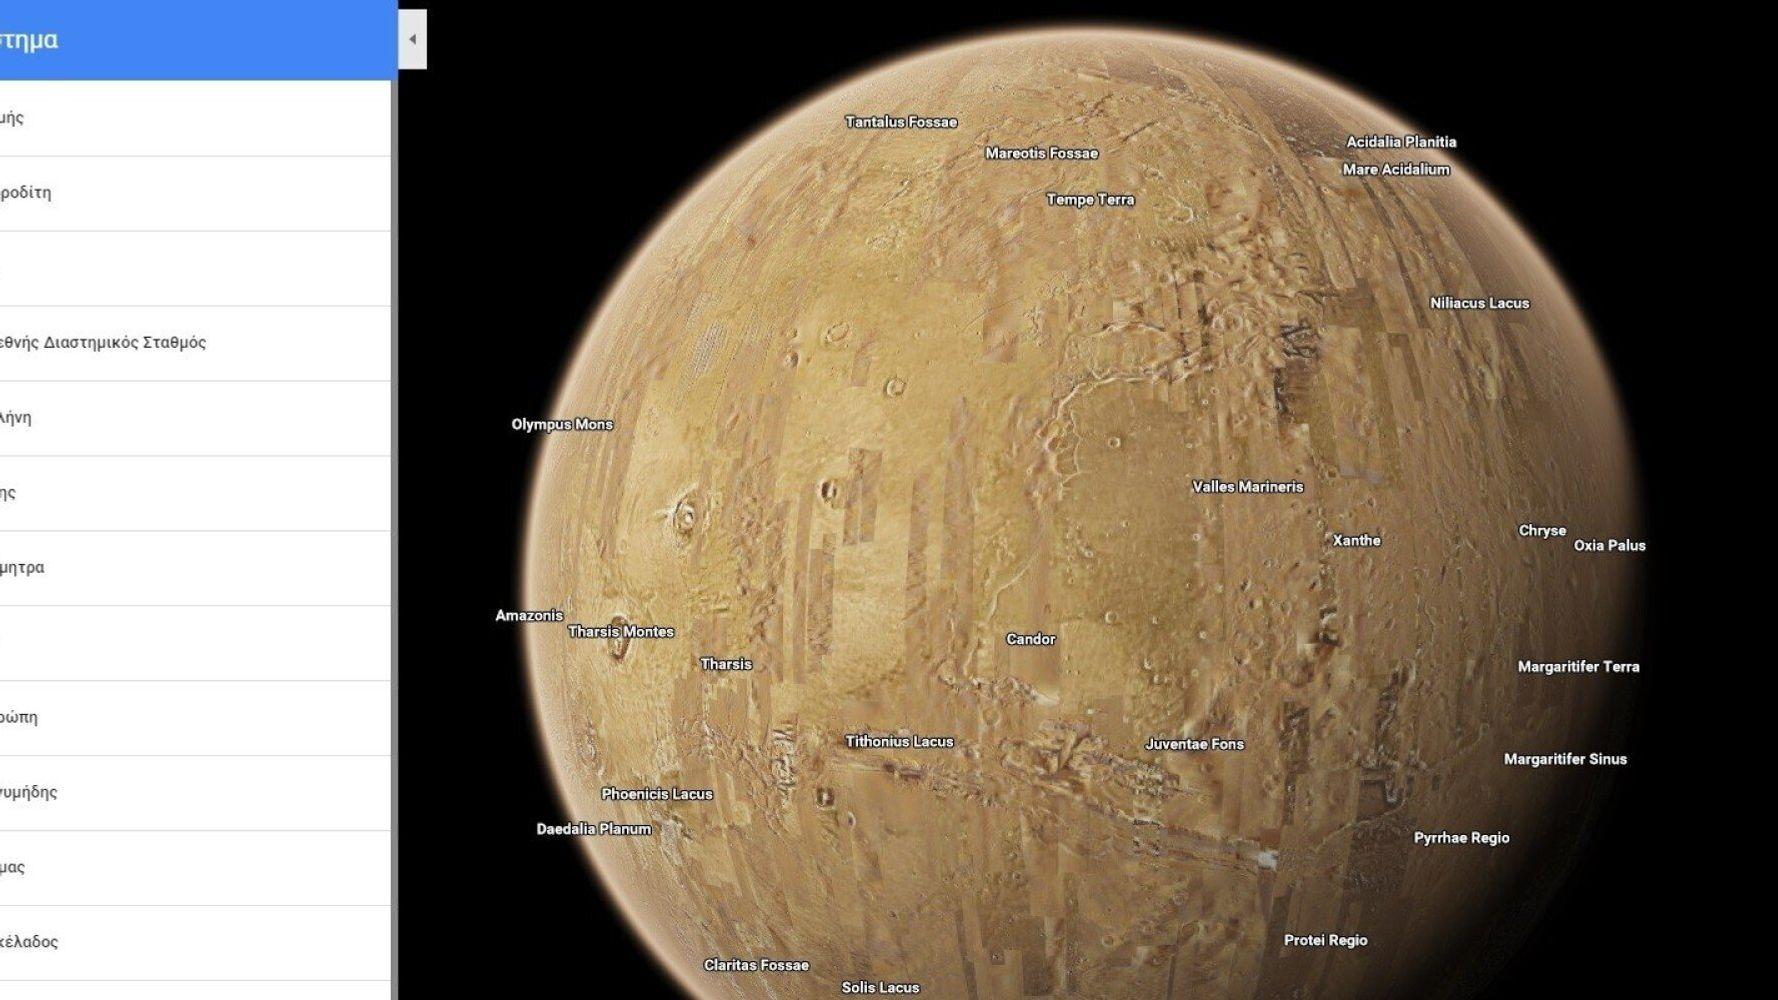 Twra Mporeite Na Mpeite Sto Google Maps Kai Na Ta3idepsete Se 16